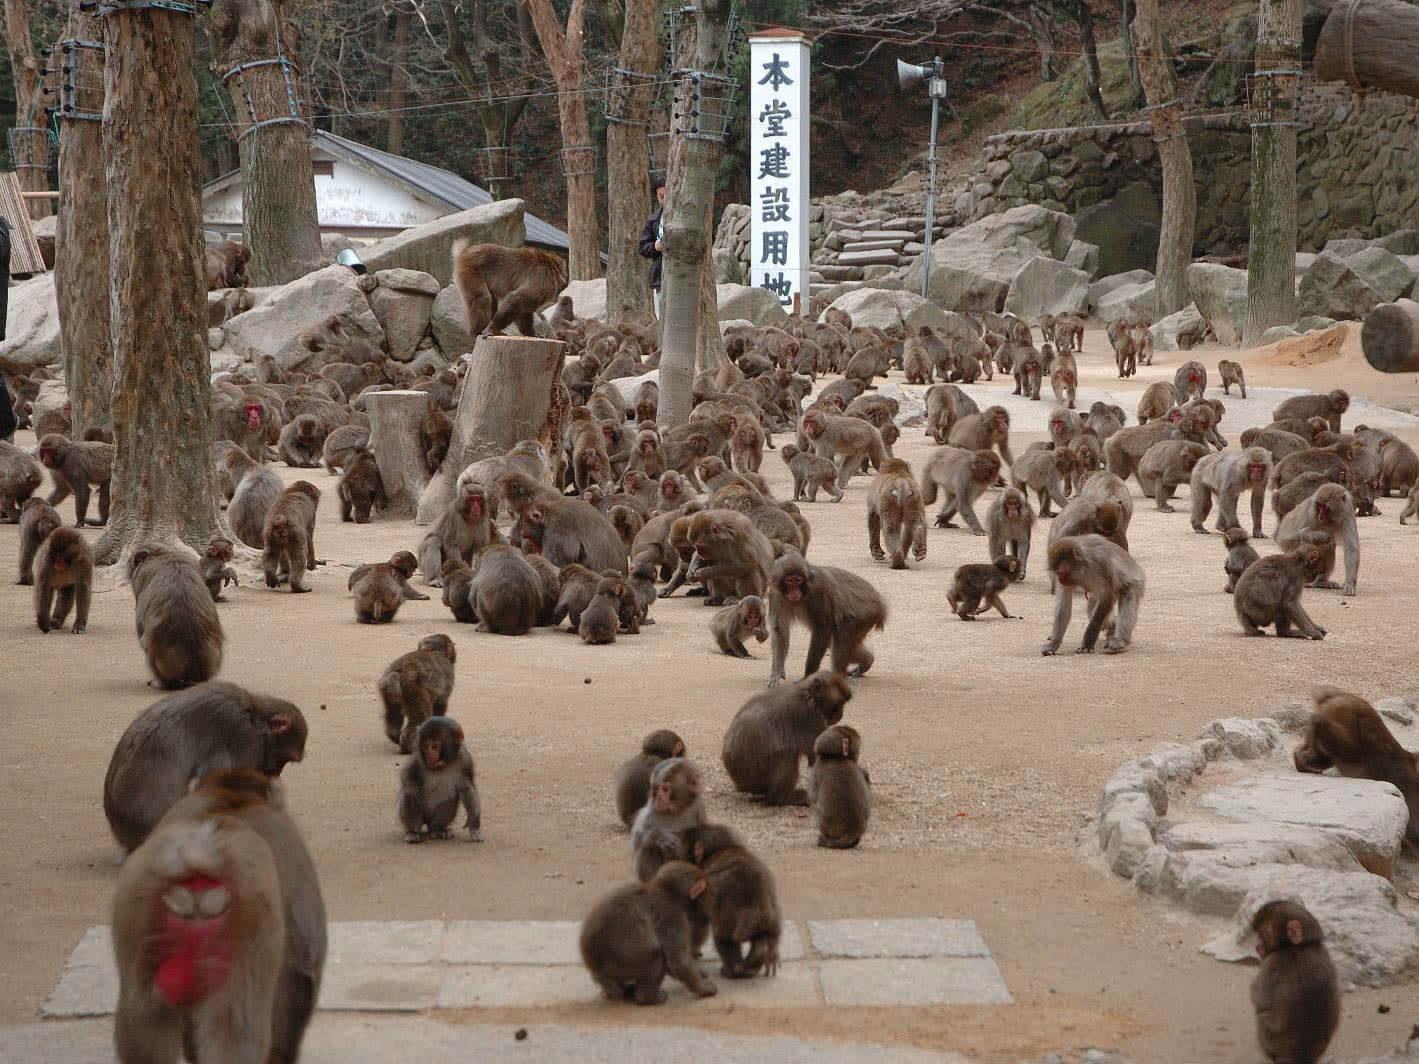 Takasakiyama Nature Zoo